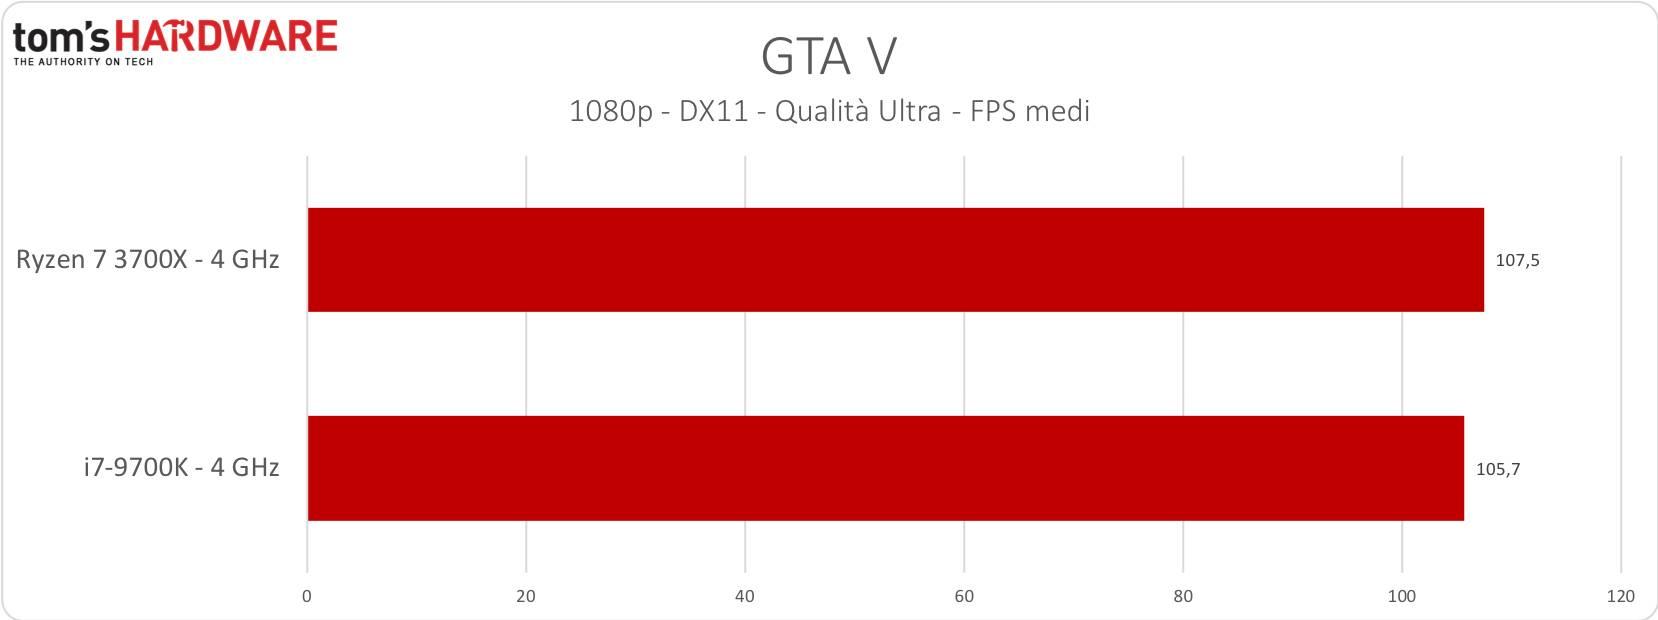 GTA V - 4GHz